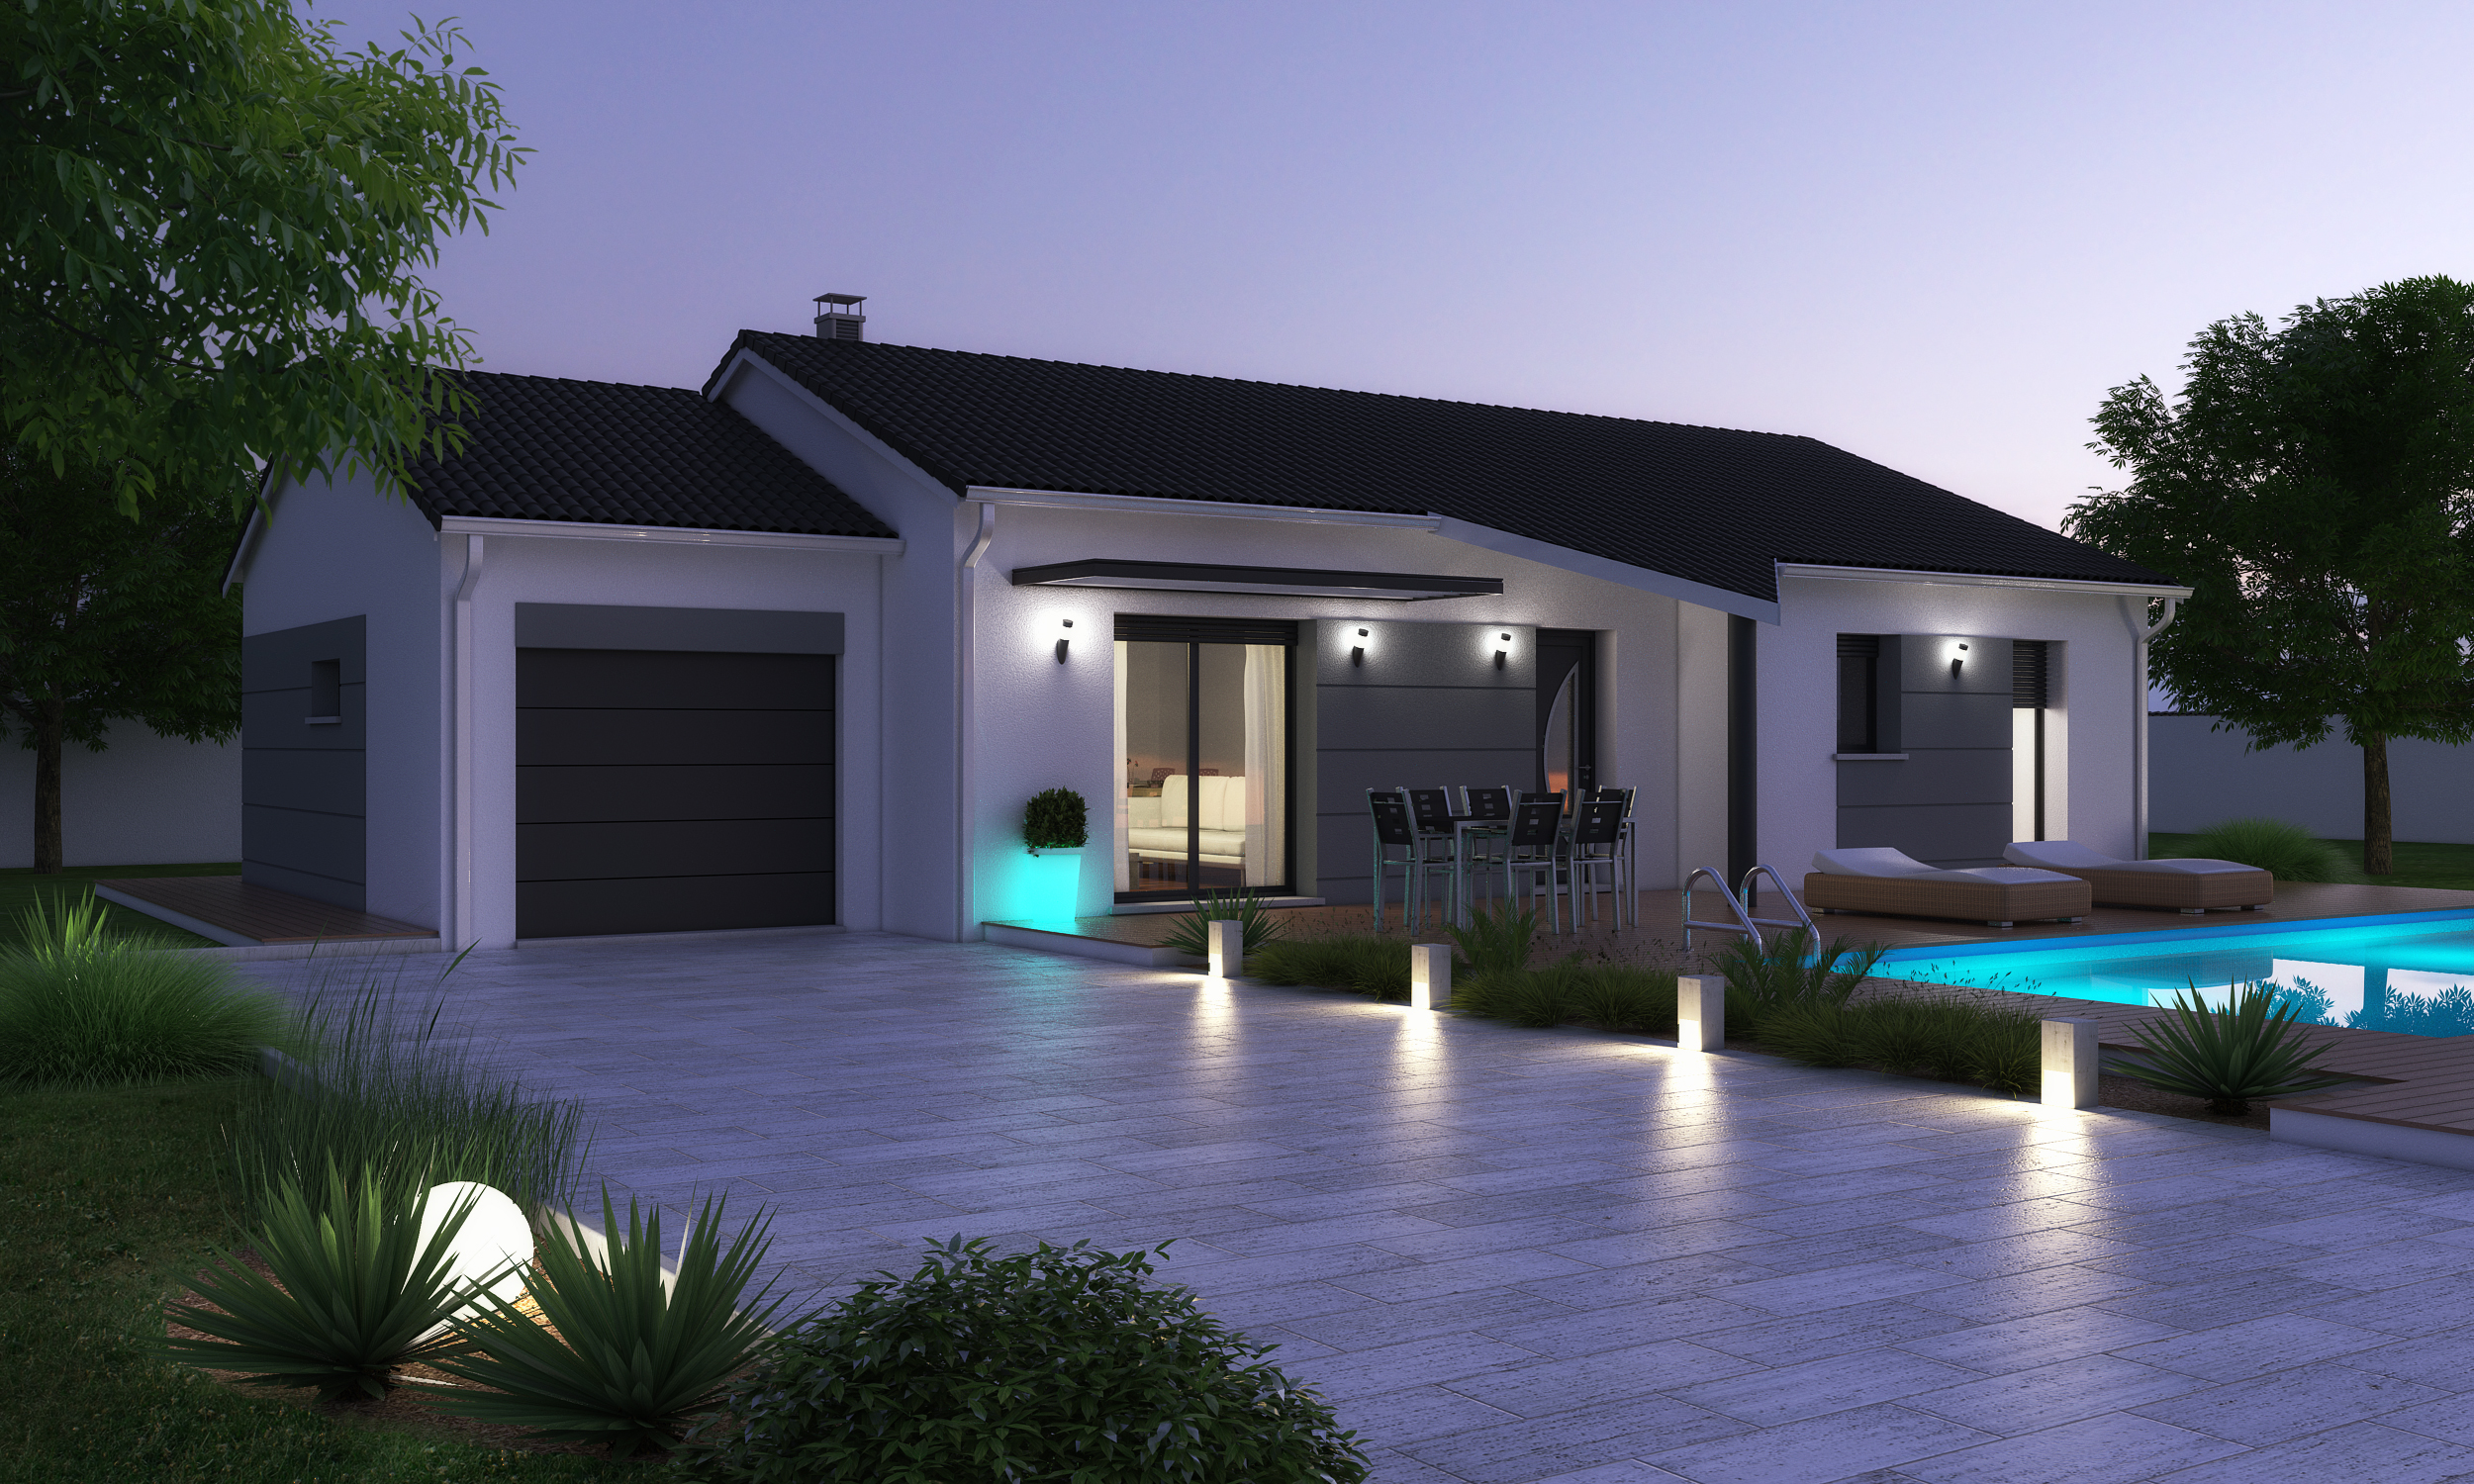 maison plain pied moderne. Black Bedroom Furniture Sets. Home Design Ideas